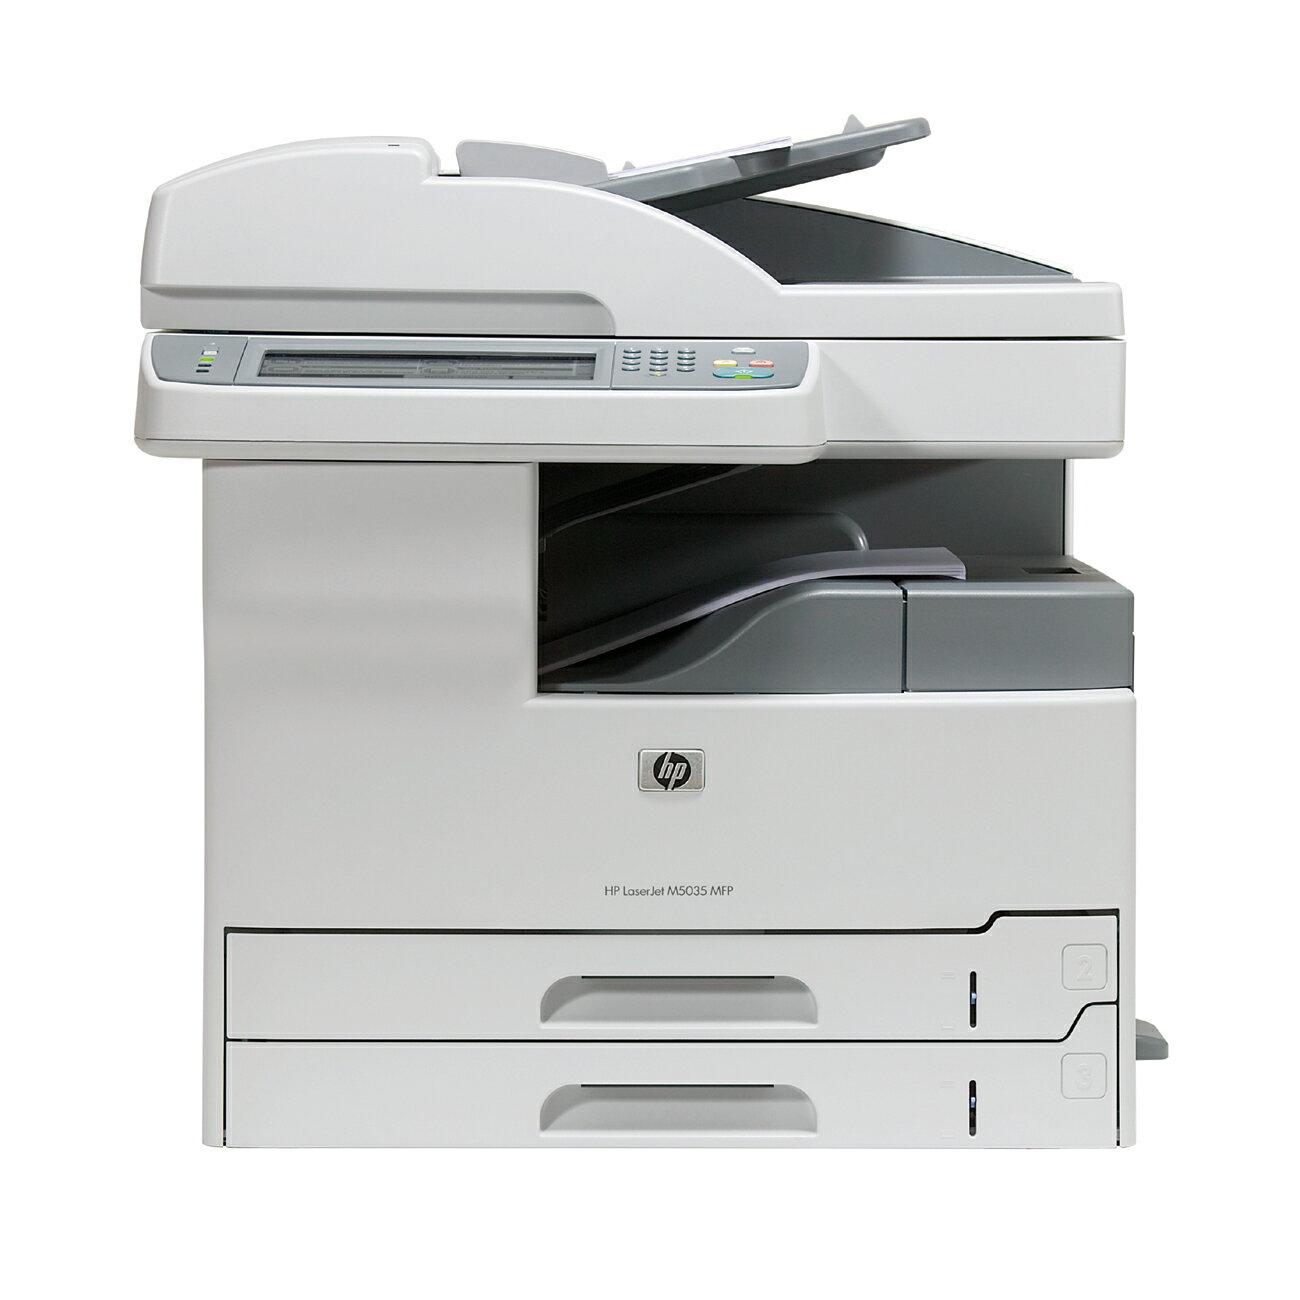 HP LaserJet M5035 Multifunction Printer - Monochrome - 35 ppm Mono - 1200 x 1200 dpi - Copier, Printer, Scanner 0